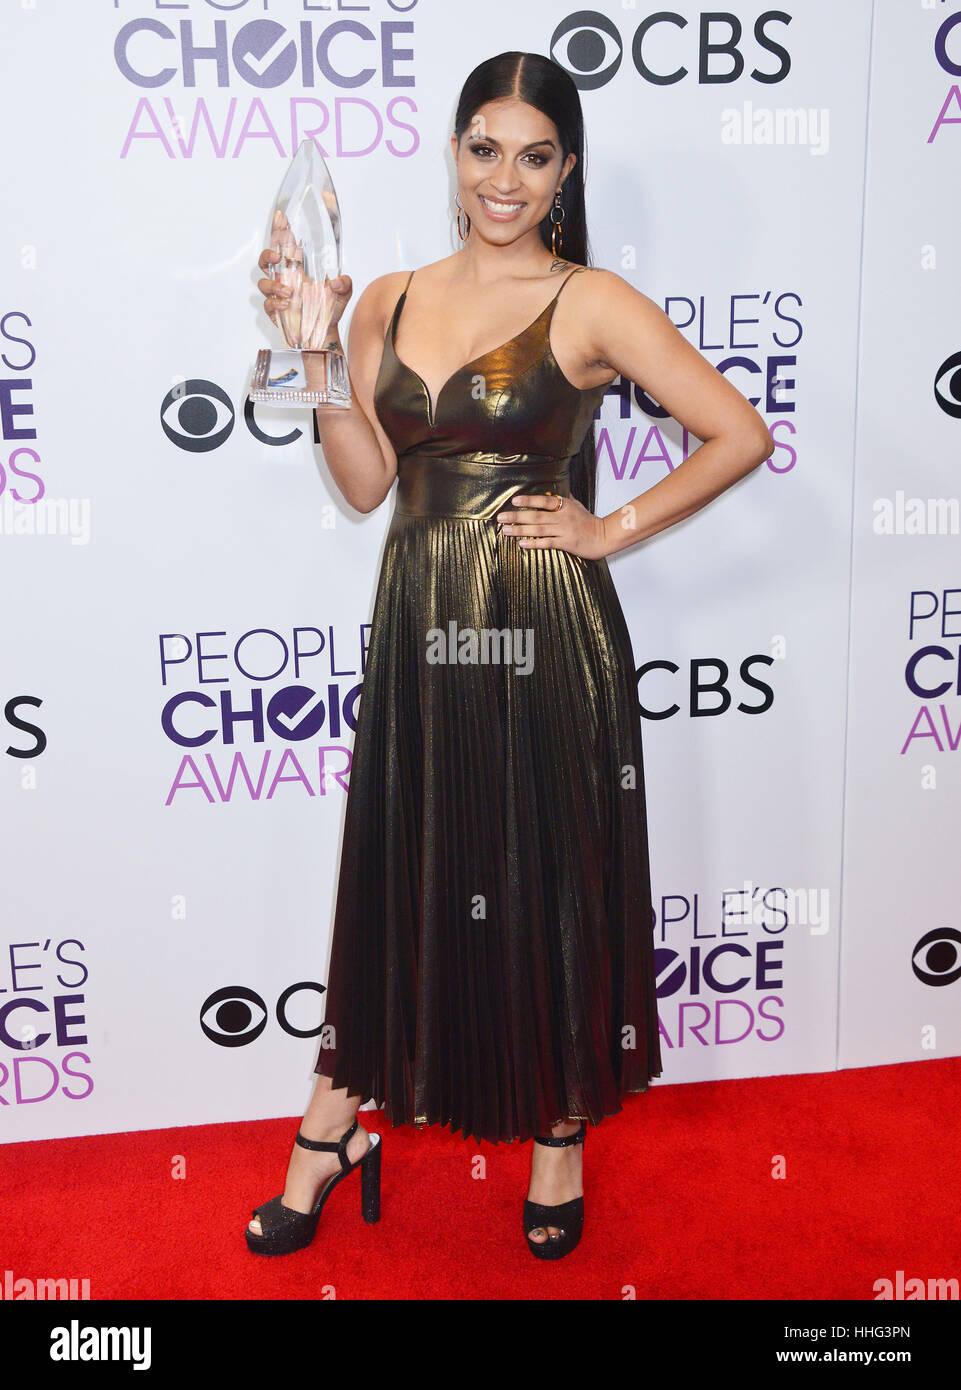 Lilly Singh 269 arrivant au People's Choice Awards 2017 au Theatre de Los Angeles. 18 janvier, 2017. Banque D'Images